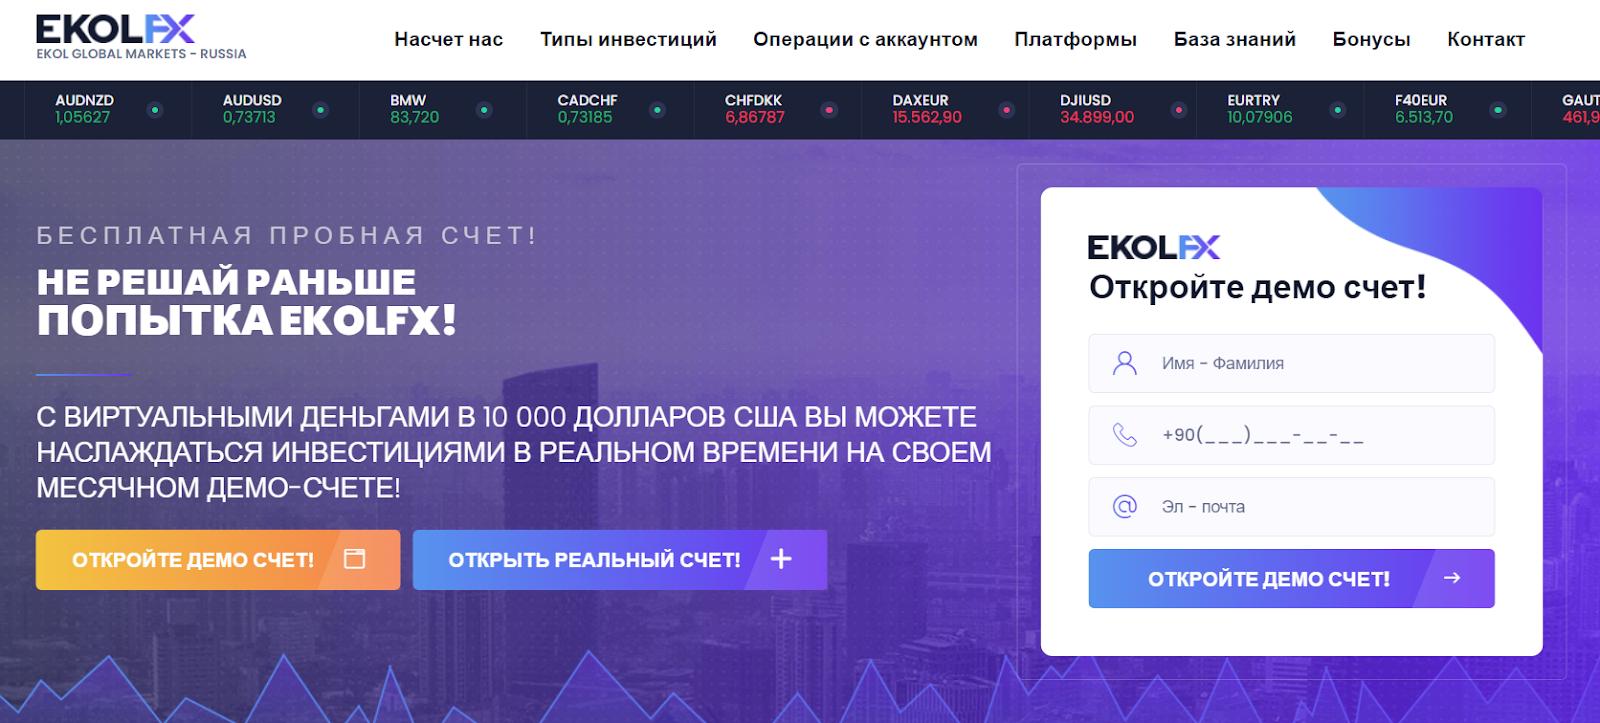 """Отзывы об EkolFX: надежный проект или """"кухня""""? реальные отзывы"""